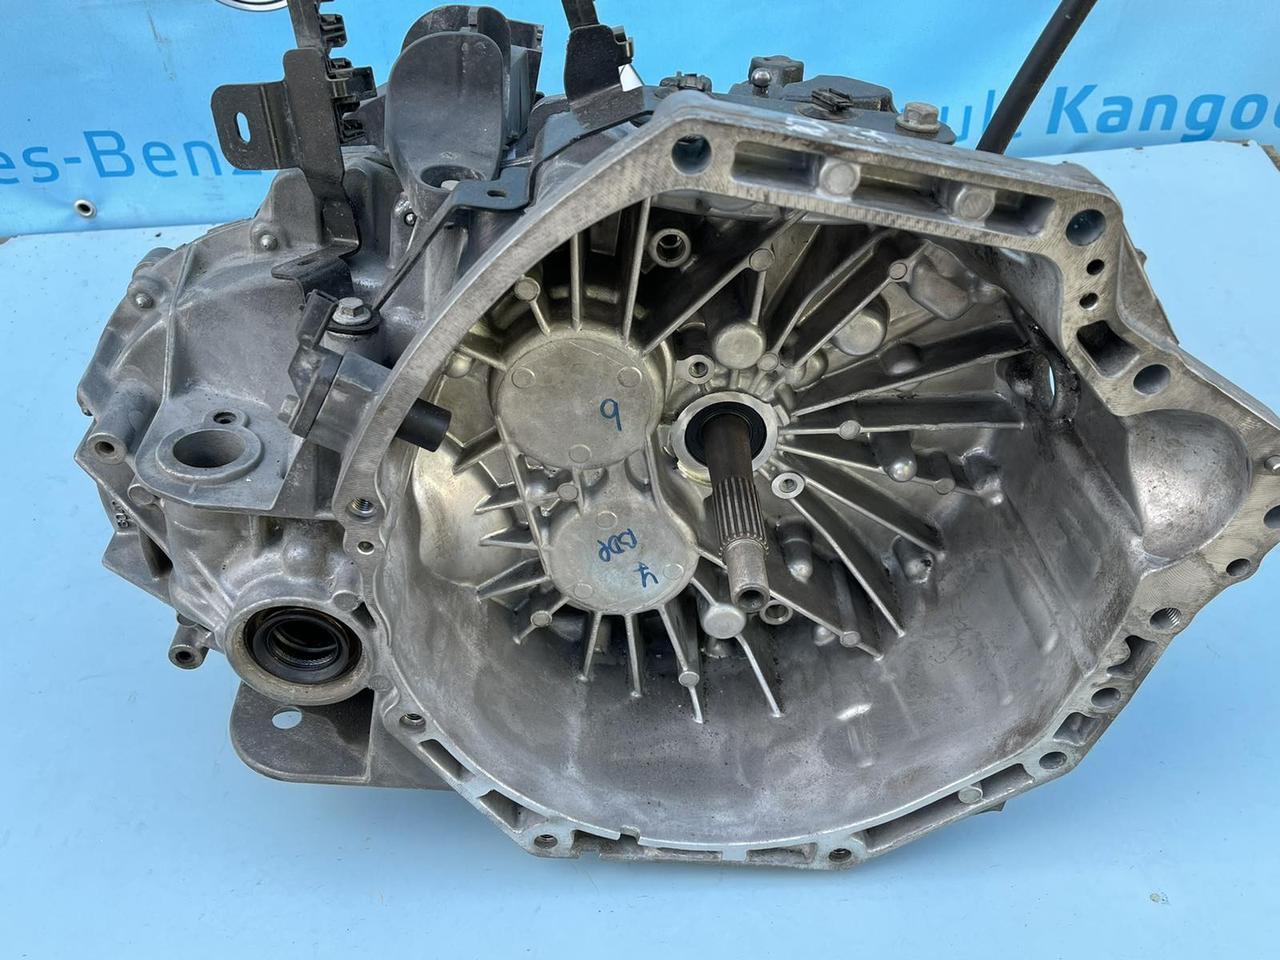 КПП коробка передач 1.6 dci для Опель Виваро Opel Vivaro 2014-2021 г. в.